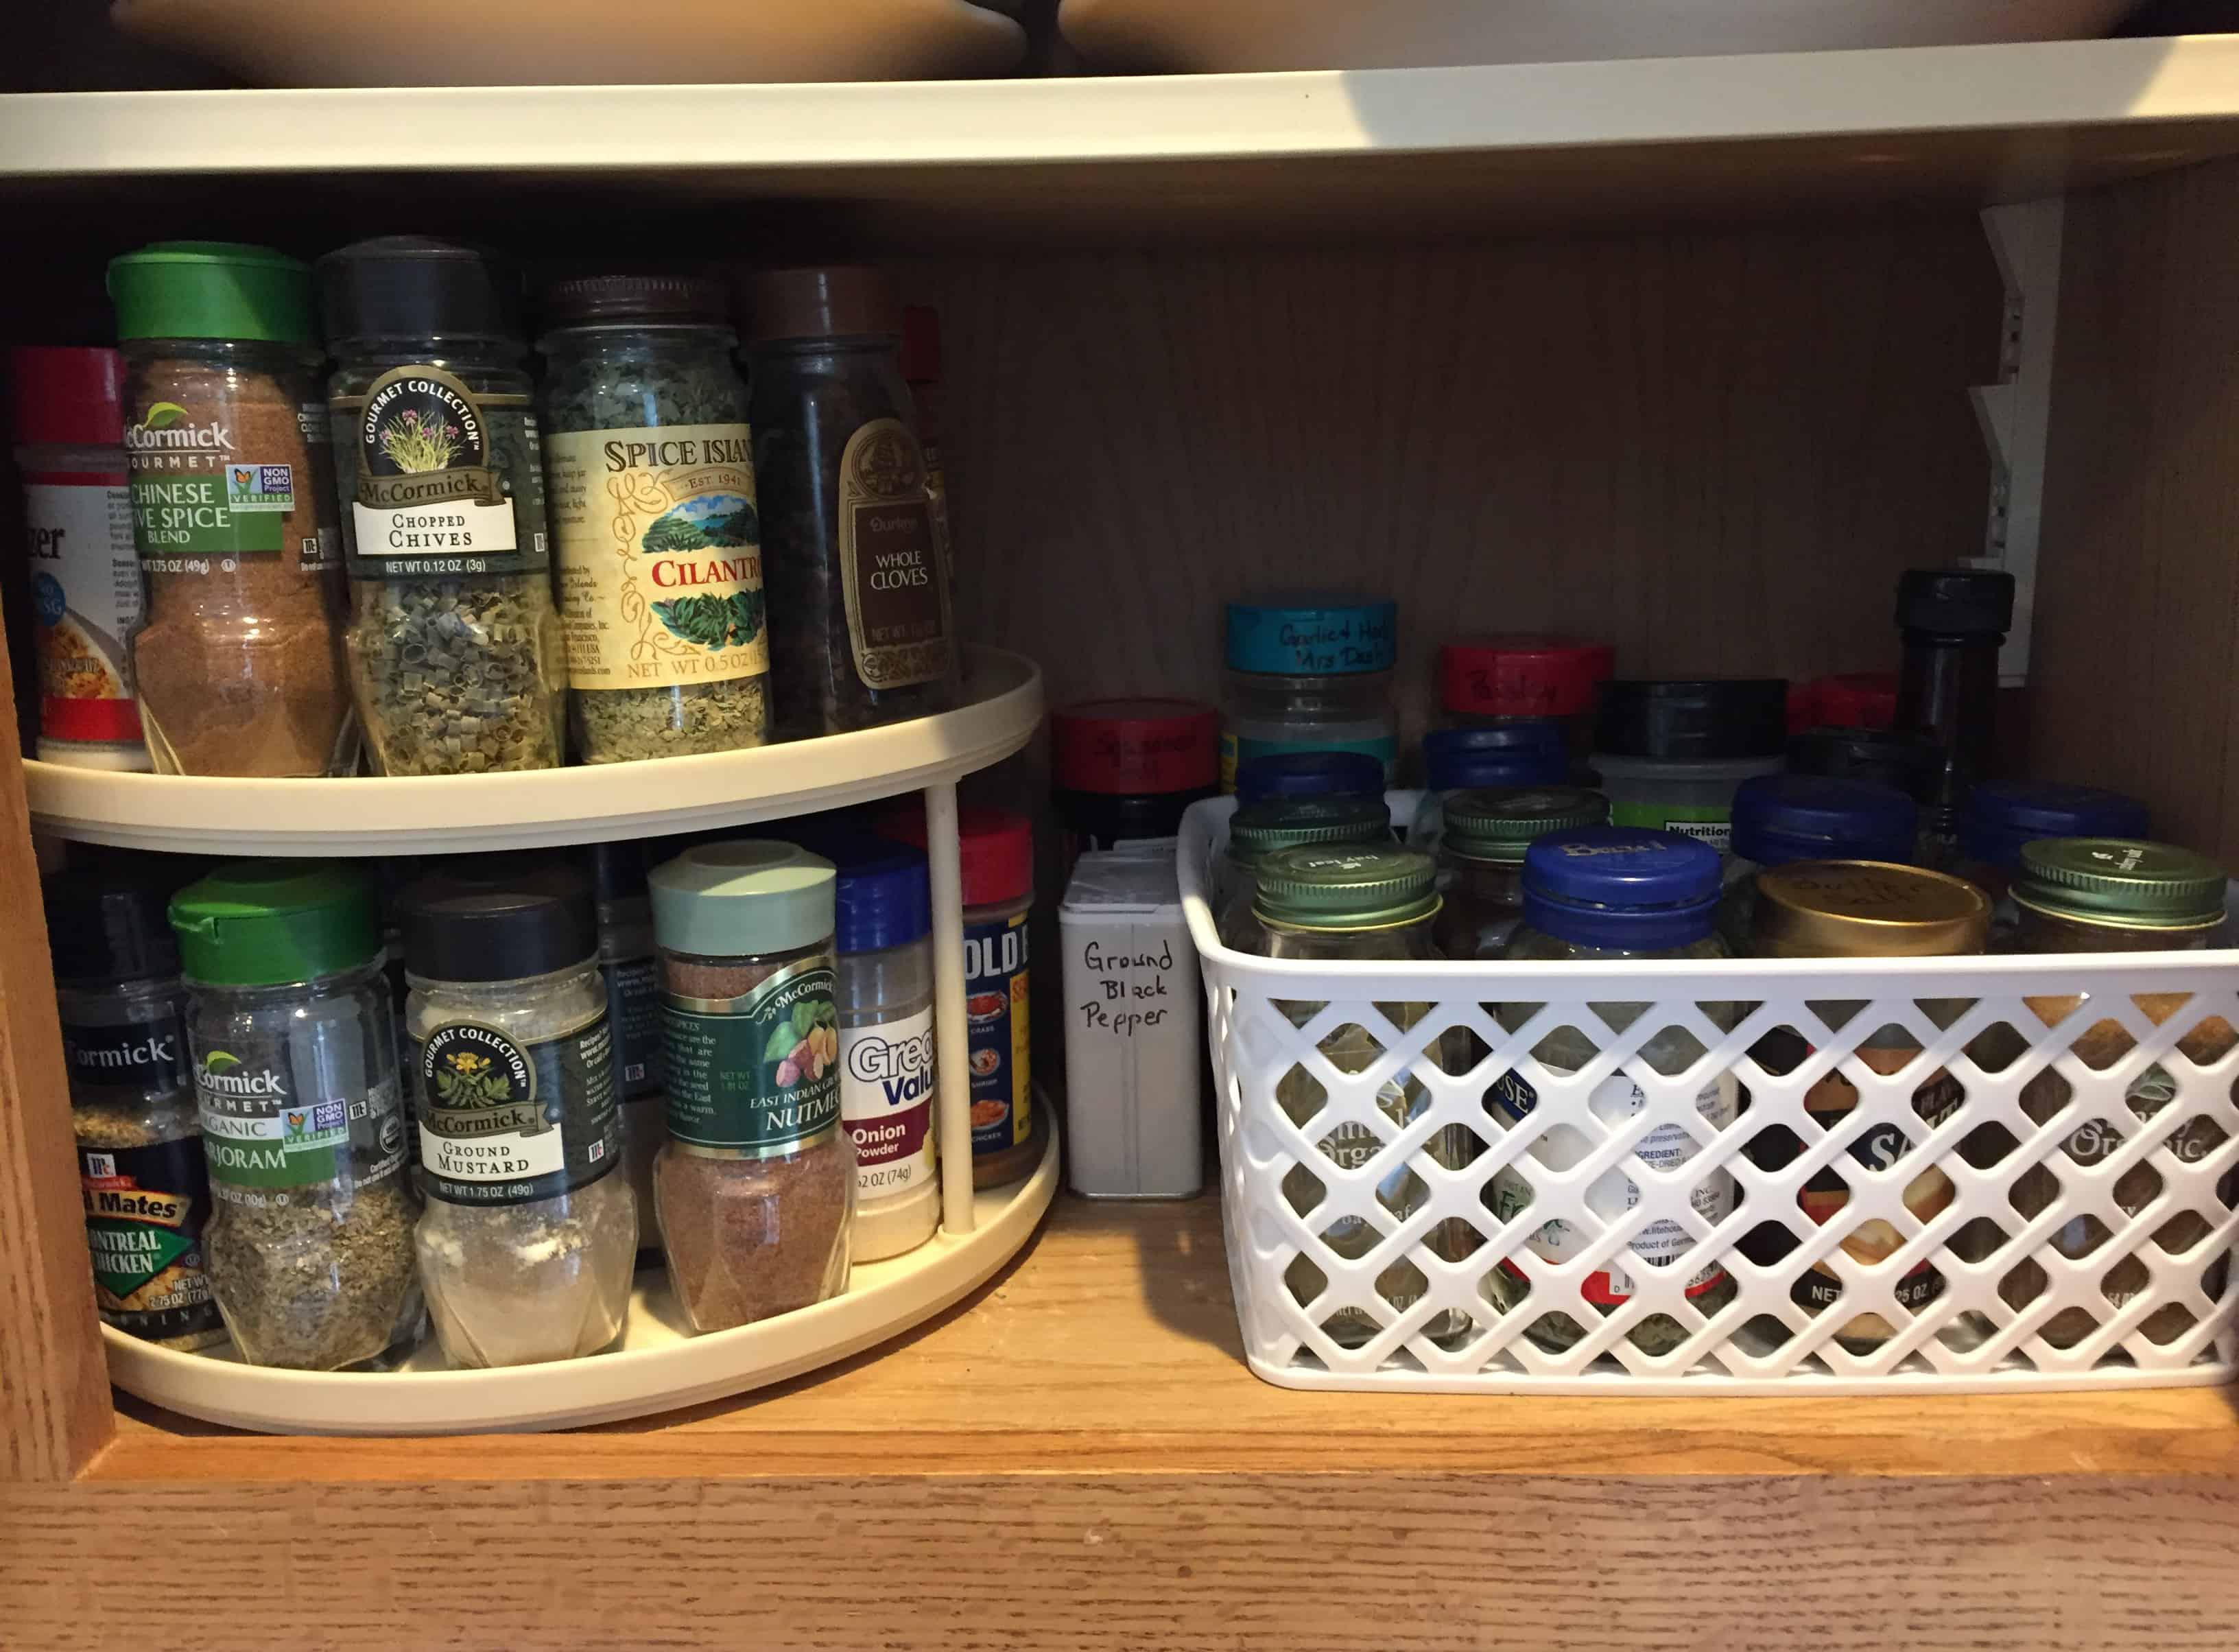 organized shelf of spices